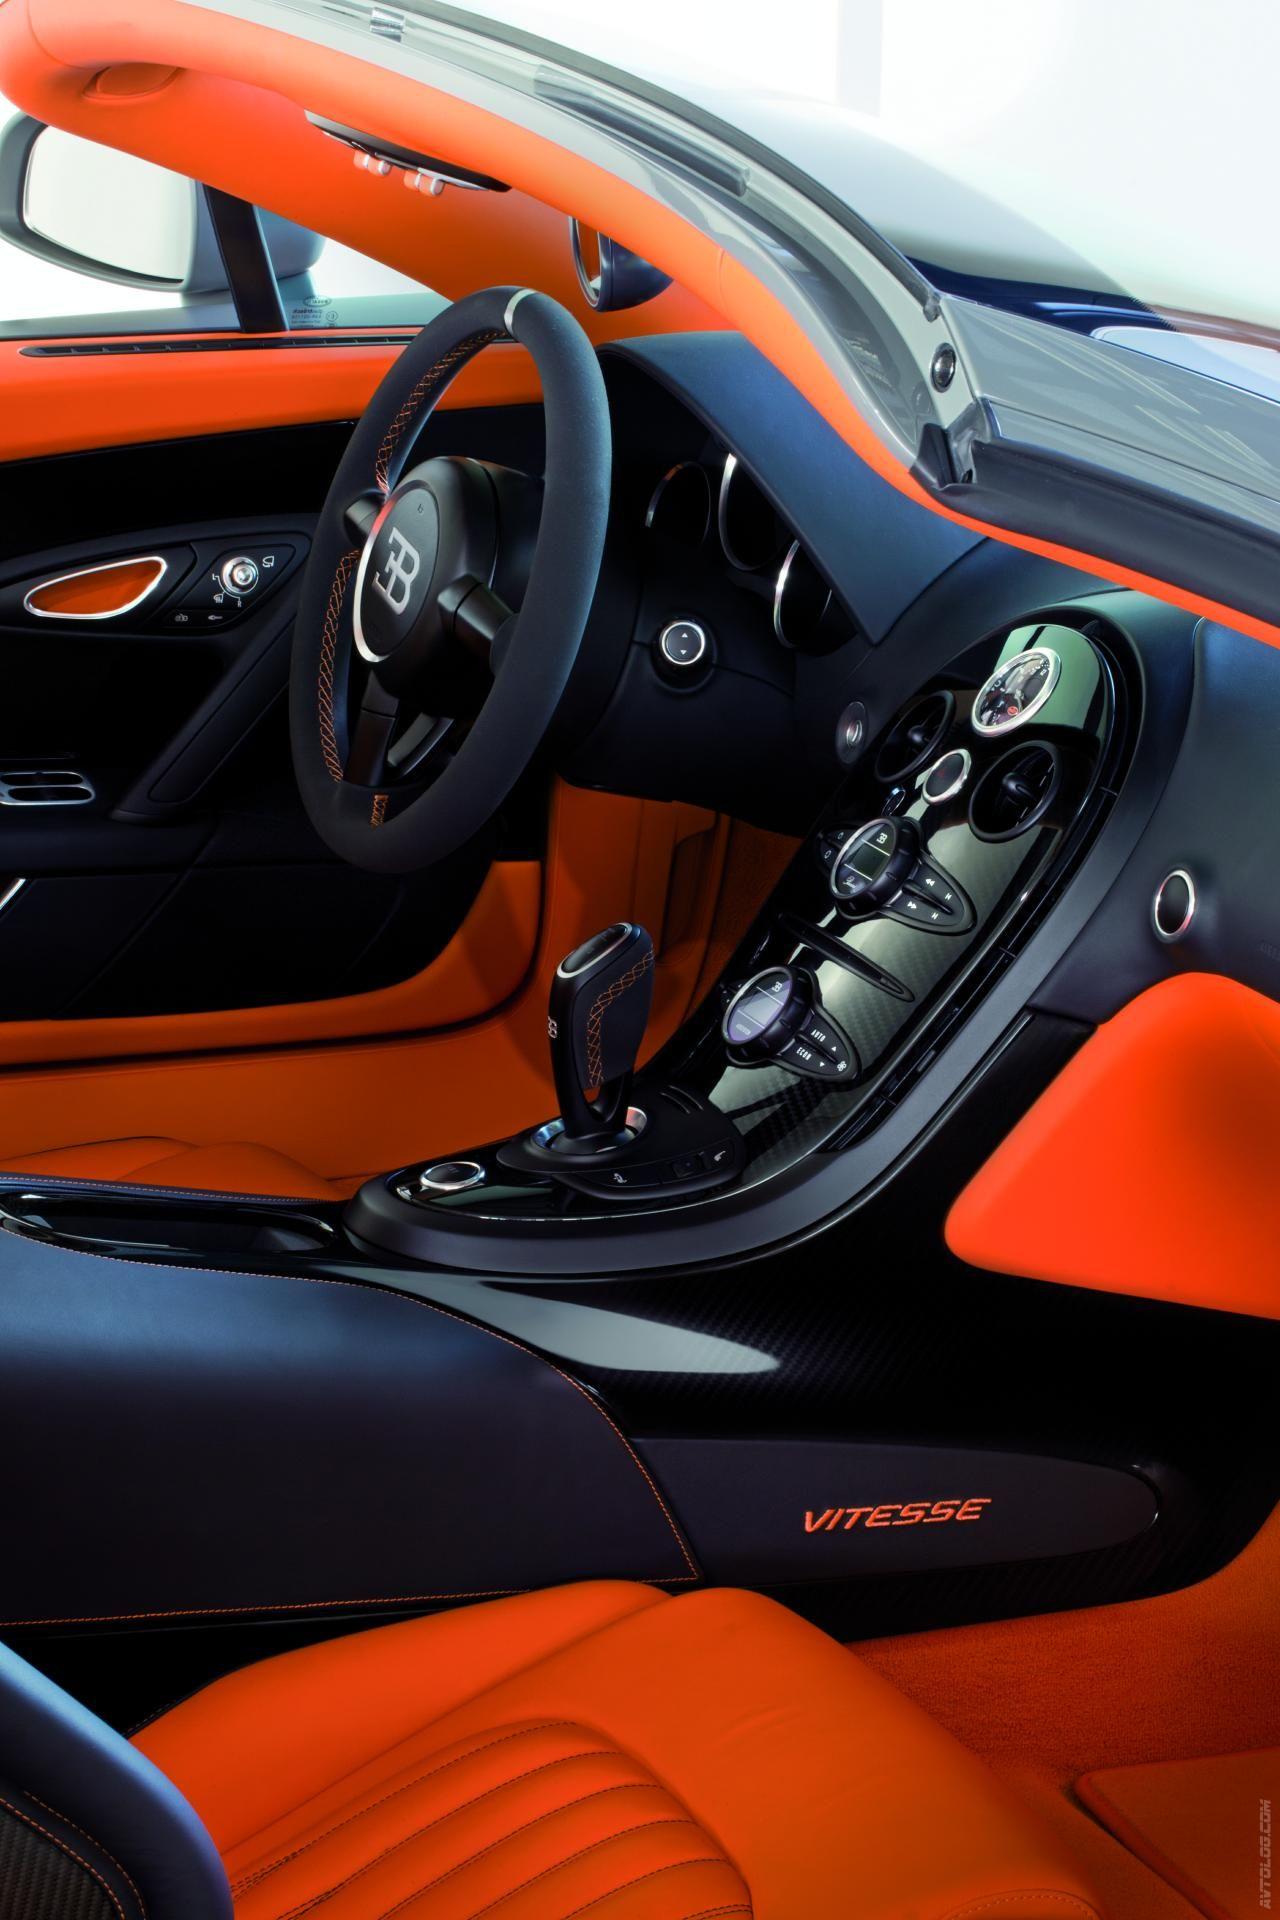 51b2fc44e0f0e0d2d750f7070609210e Fabulous 2012 Bugatti Veyron Grand Sport Vitesse Specs Cars Trend